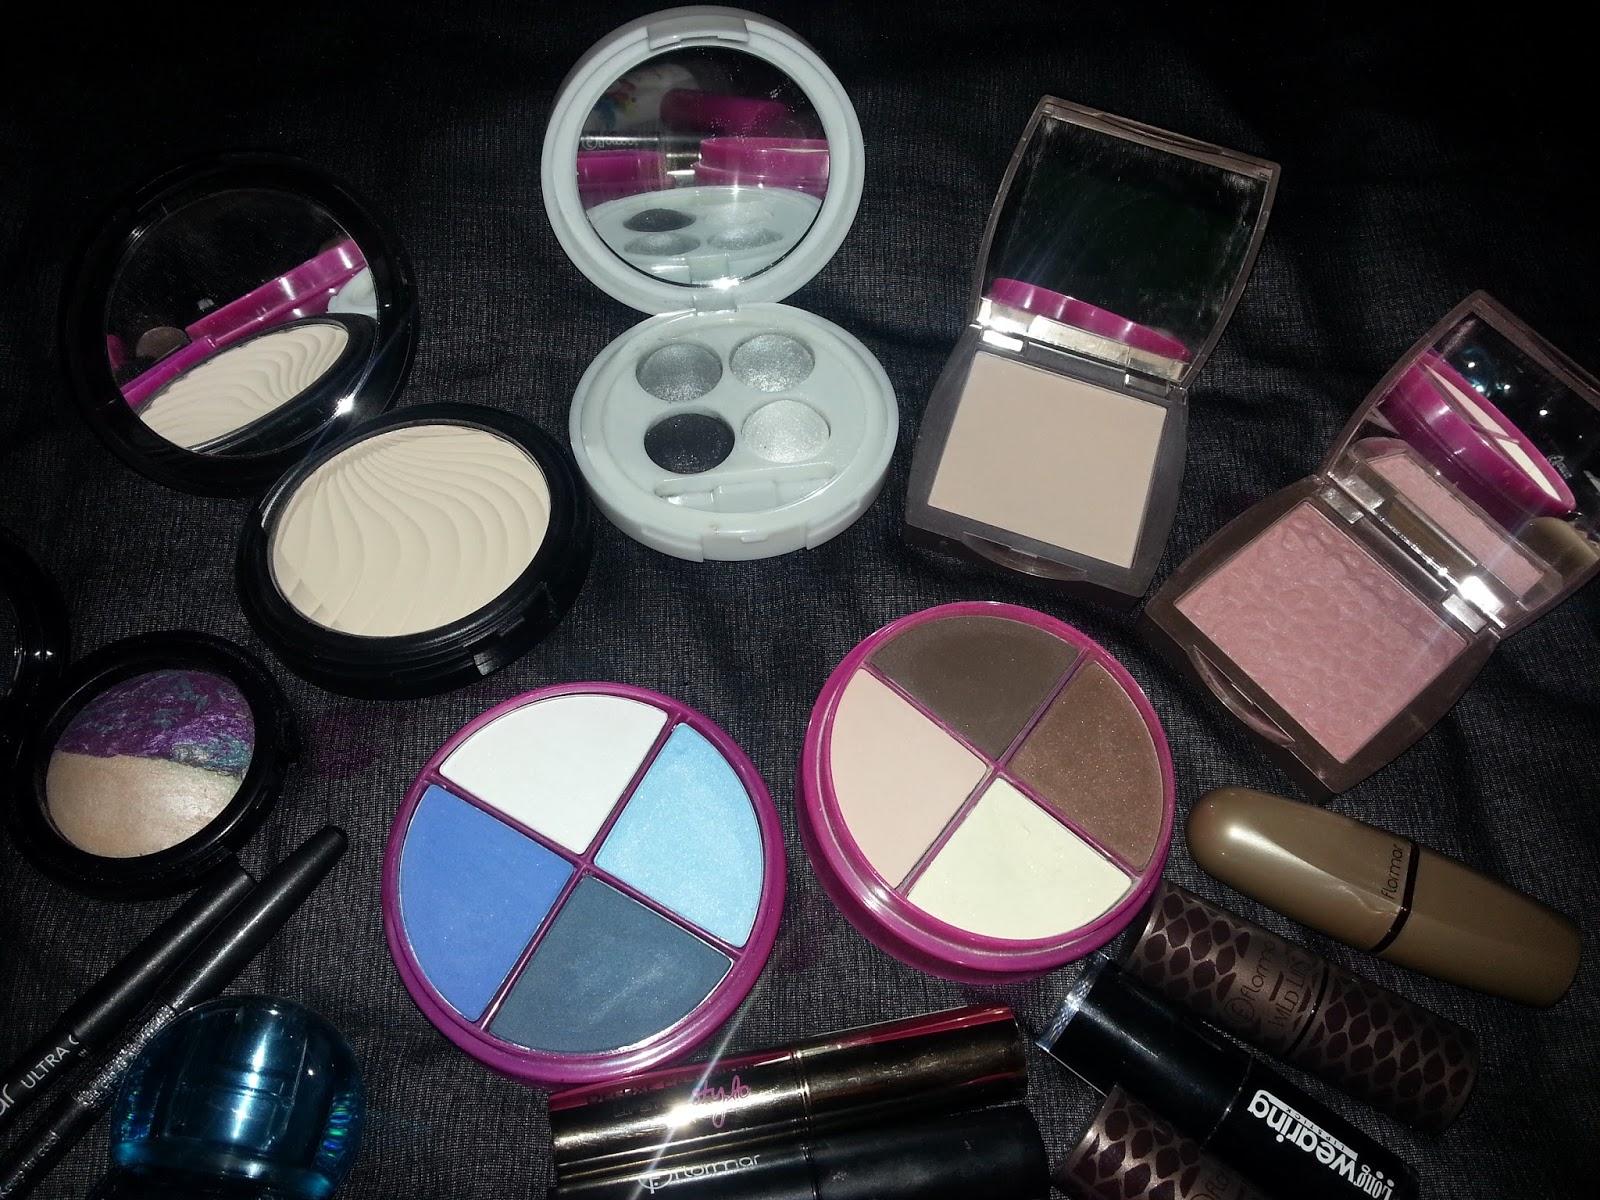 Flormar косметика купить в спб онлайн магазин эйвон представителей